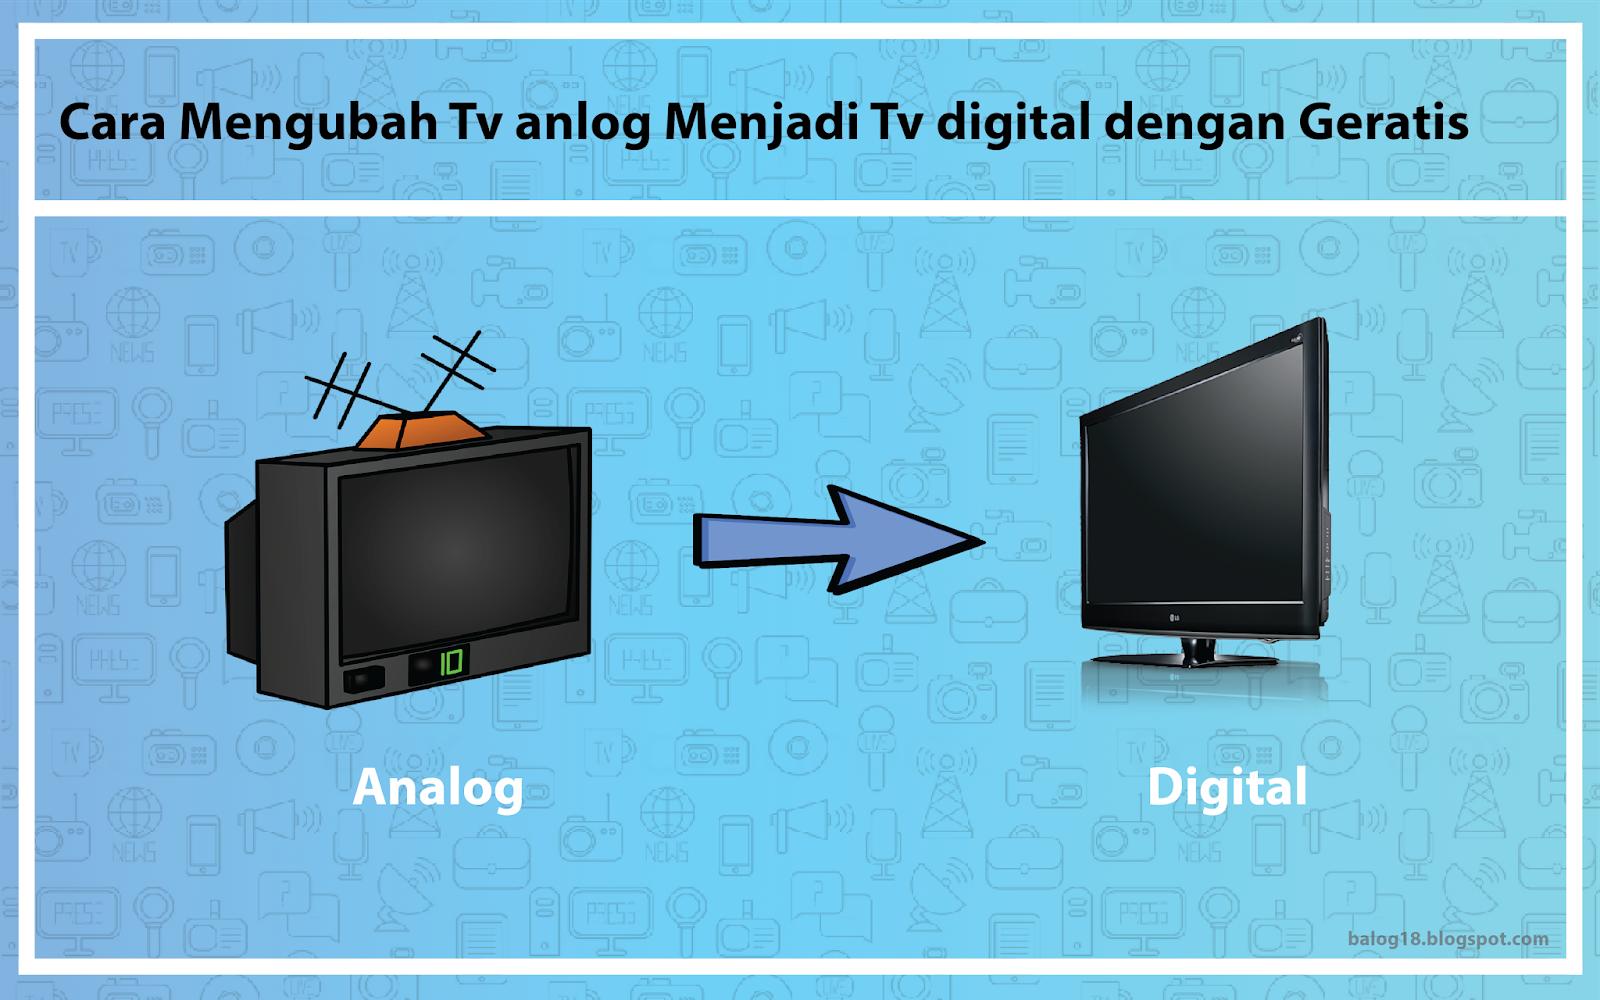 Cara Mengubah Tv Anlog Menjadi Tv Digital Dengan Geratis Balog 18